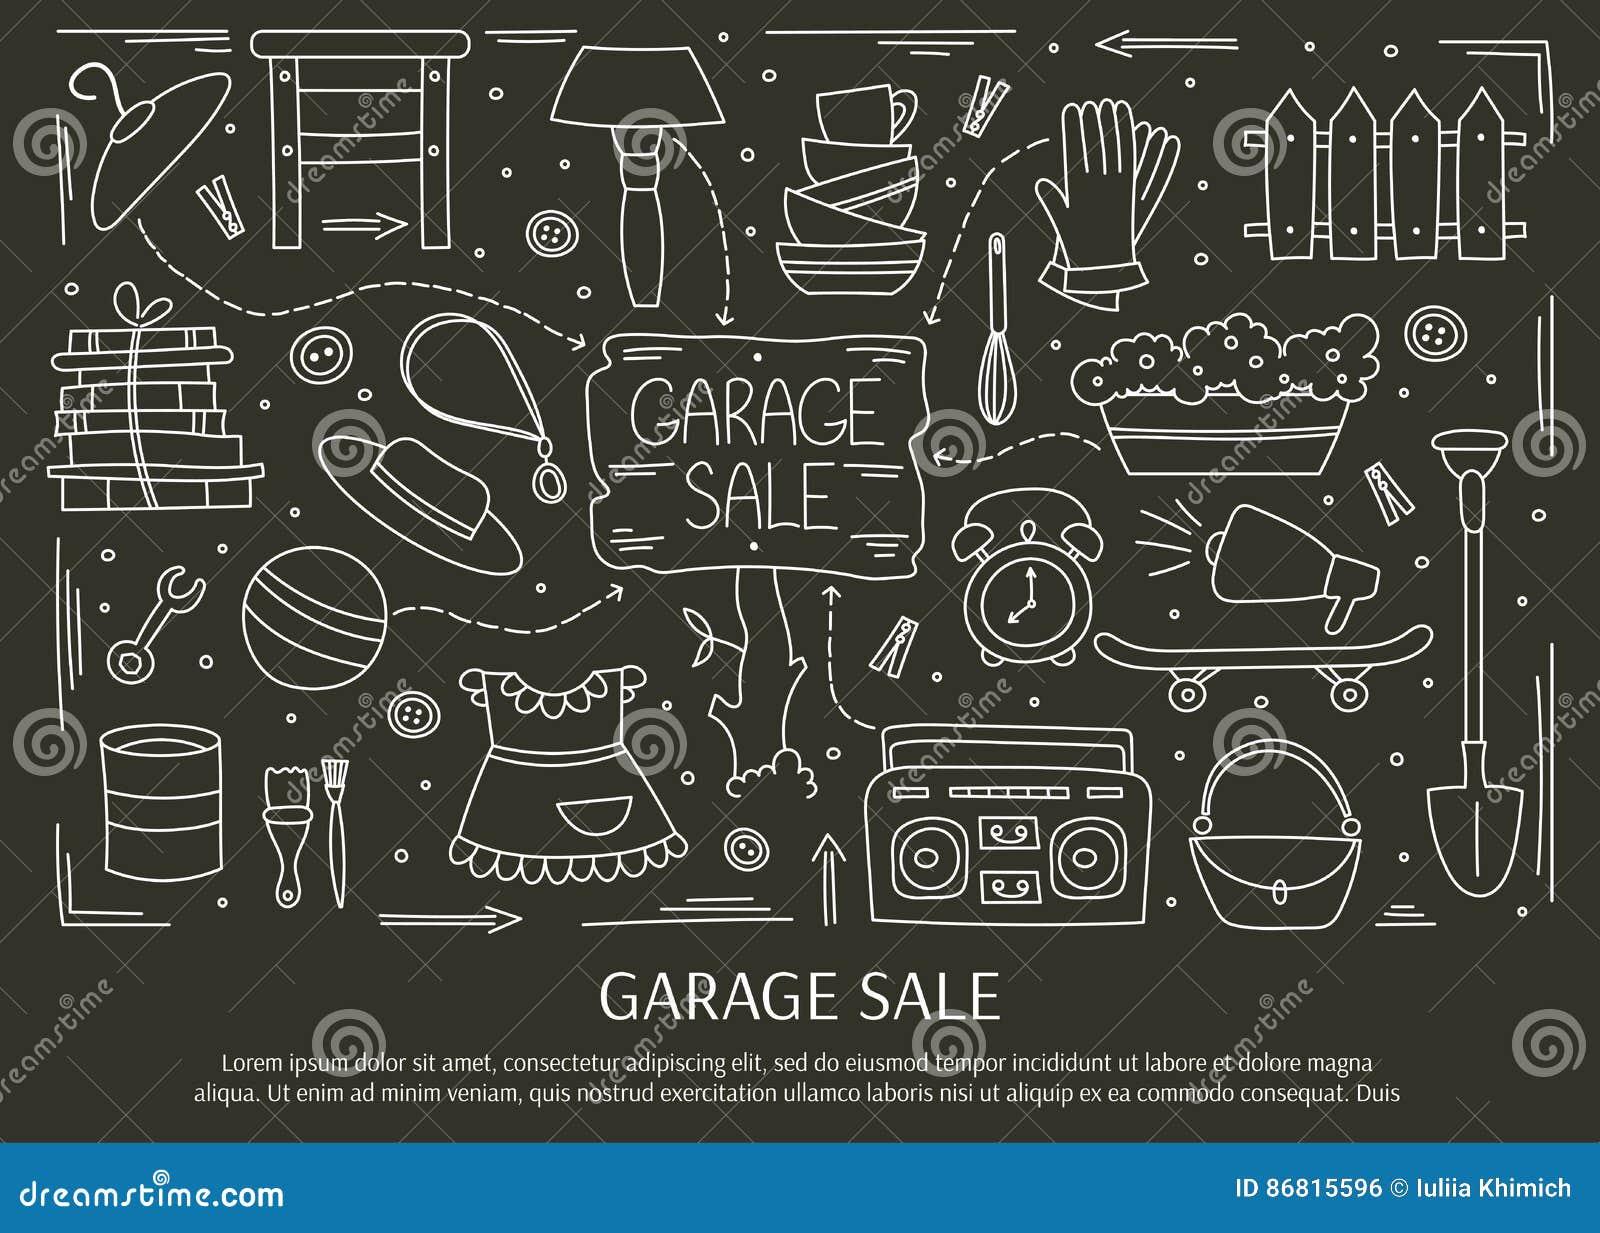 Garage sale elements stock vector. Illustration of design - 86815596